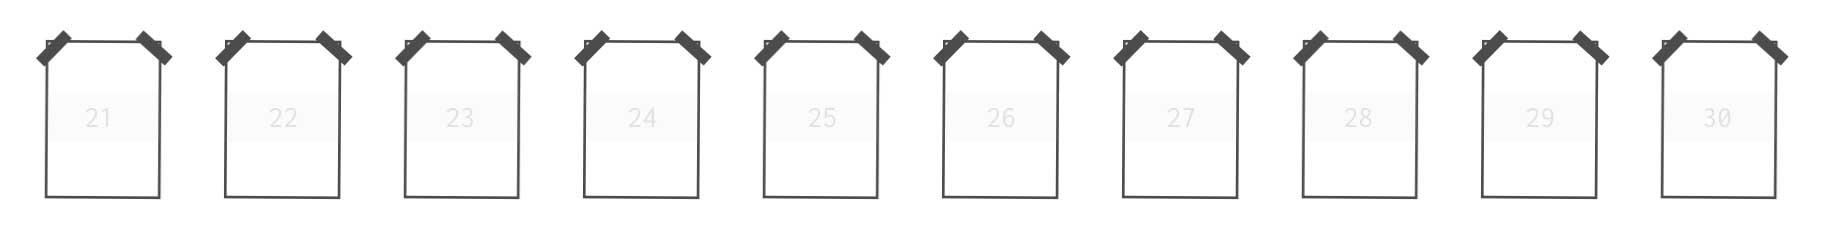 10x3-Outline-C.jpg